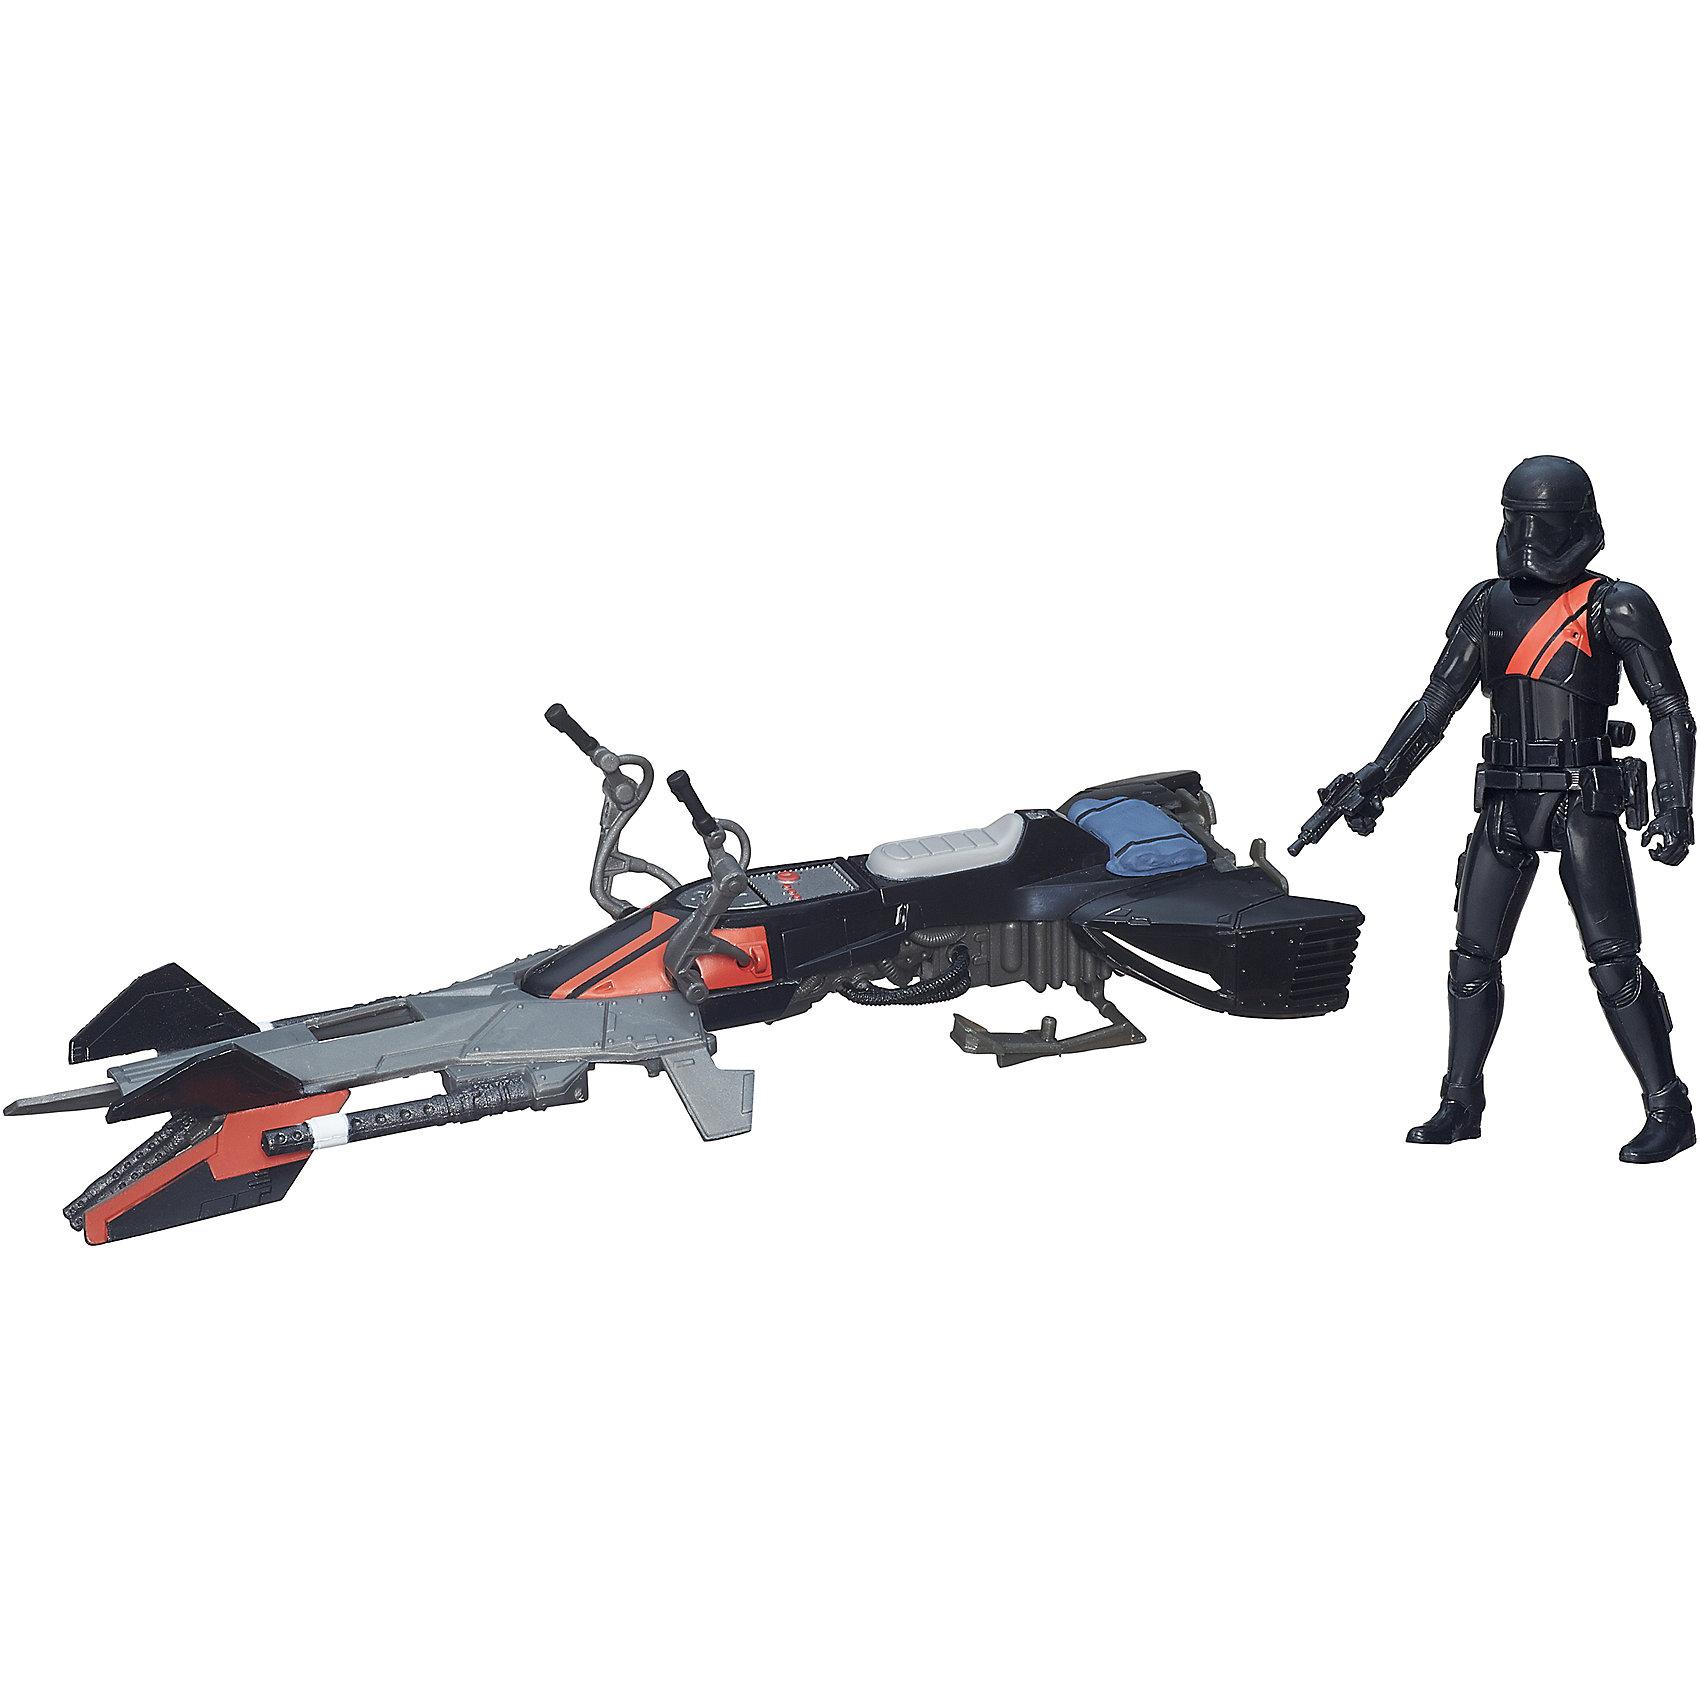 Космический корабль Класс I,  Звездные войны, B3718/B3716Коллекционные и игровые фигурки<br>Этот набор приведет в восторг всех поклонников Star Wars. В него входит фигурка особого штурмовика в черной броне с элитным спидербайком, скоростным средством передвижения, использующимся для разведки. Игрушка выполнена из высококачественного пластика, прекрасно детализирована, безопасна для детей. Собери все фигурки серии, открой для себя захватывающие истории борьбы добра со злом в галактике космических кораблей и машин!<br><br>Дополнительная информация:<br><br>- Комплектация: фигурка, спидербайк, аксессуары.<br>- Материал: пластик.<br>- Голова, руки, ноги фигурки подвижные. <br>- Размер фигурки: 9,5 см.<br>- Размер упаковки: 29,7,5х22 см. <br><br>Набор Космический корабль Класс I,  Звездные войны (Star Wars) можно купить в нашем магазине.<br><br>Ширина мм: 83<br>Глубина мм: 294<br>Высота мм: 228<br>Вес г: 261<br>Возраст от месяцев: 36<br>Возраст до месяцев: 192<br>Пол: Мужской<br>Возраст: Детский<br>SKU: 4563912